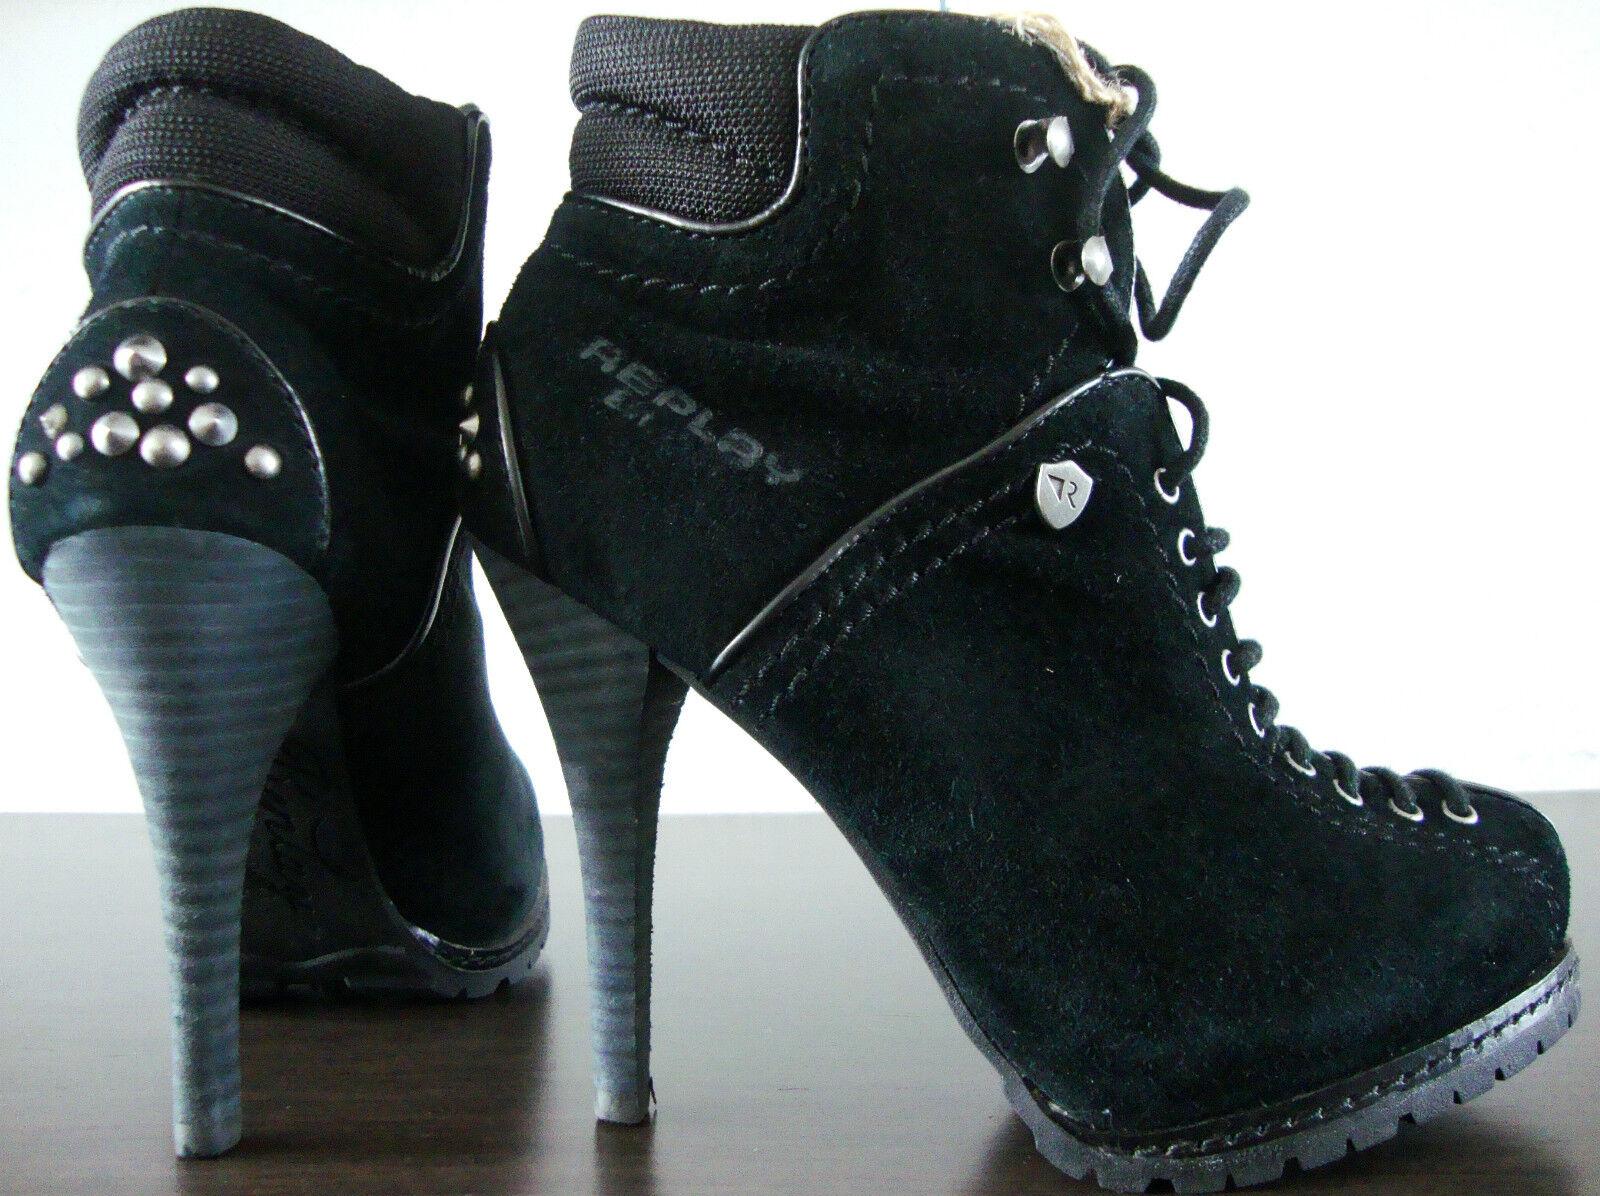 Replay señora botín rp320016l señora botas de cuero ankleboots tachuelas nuevo